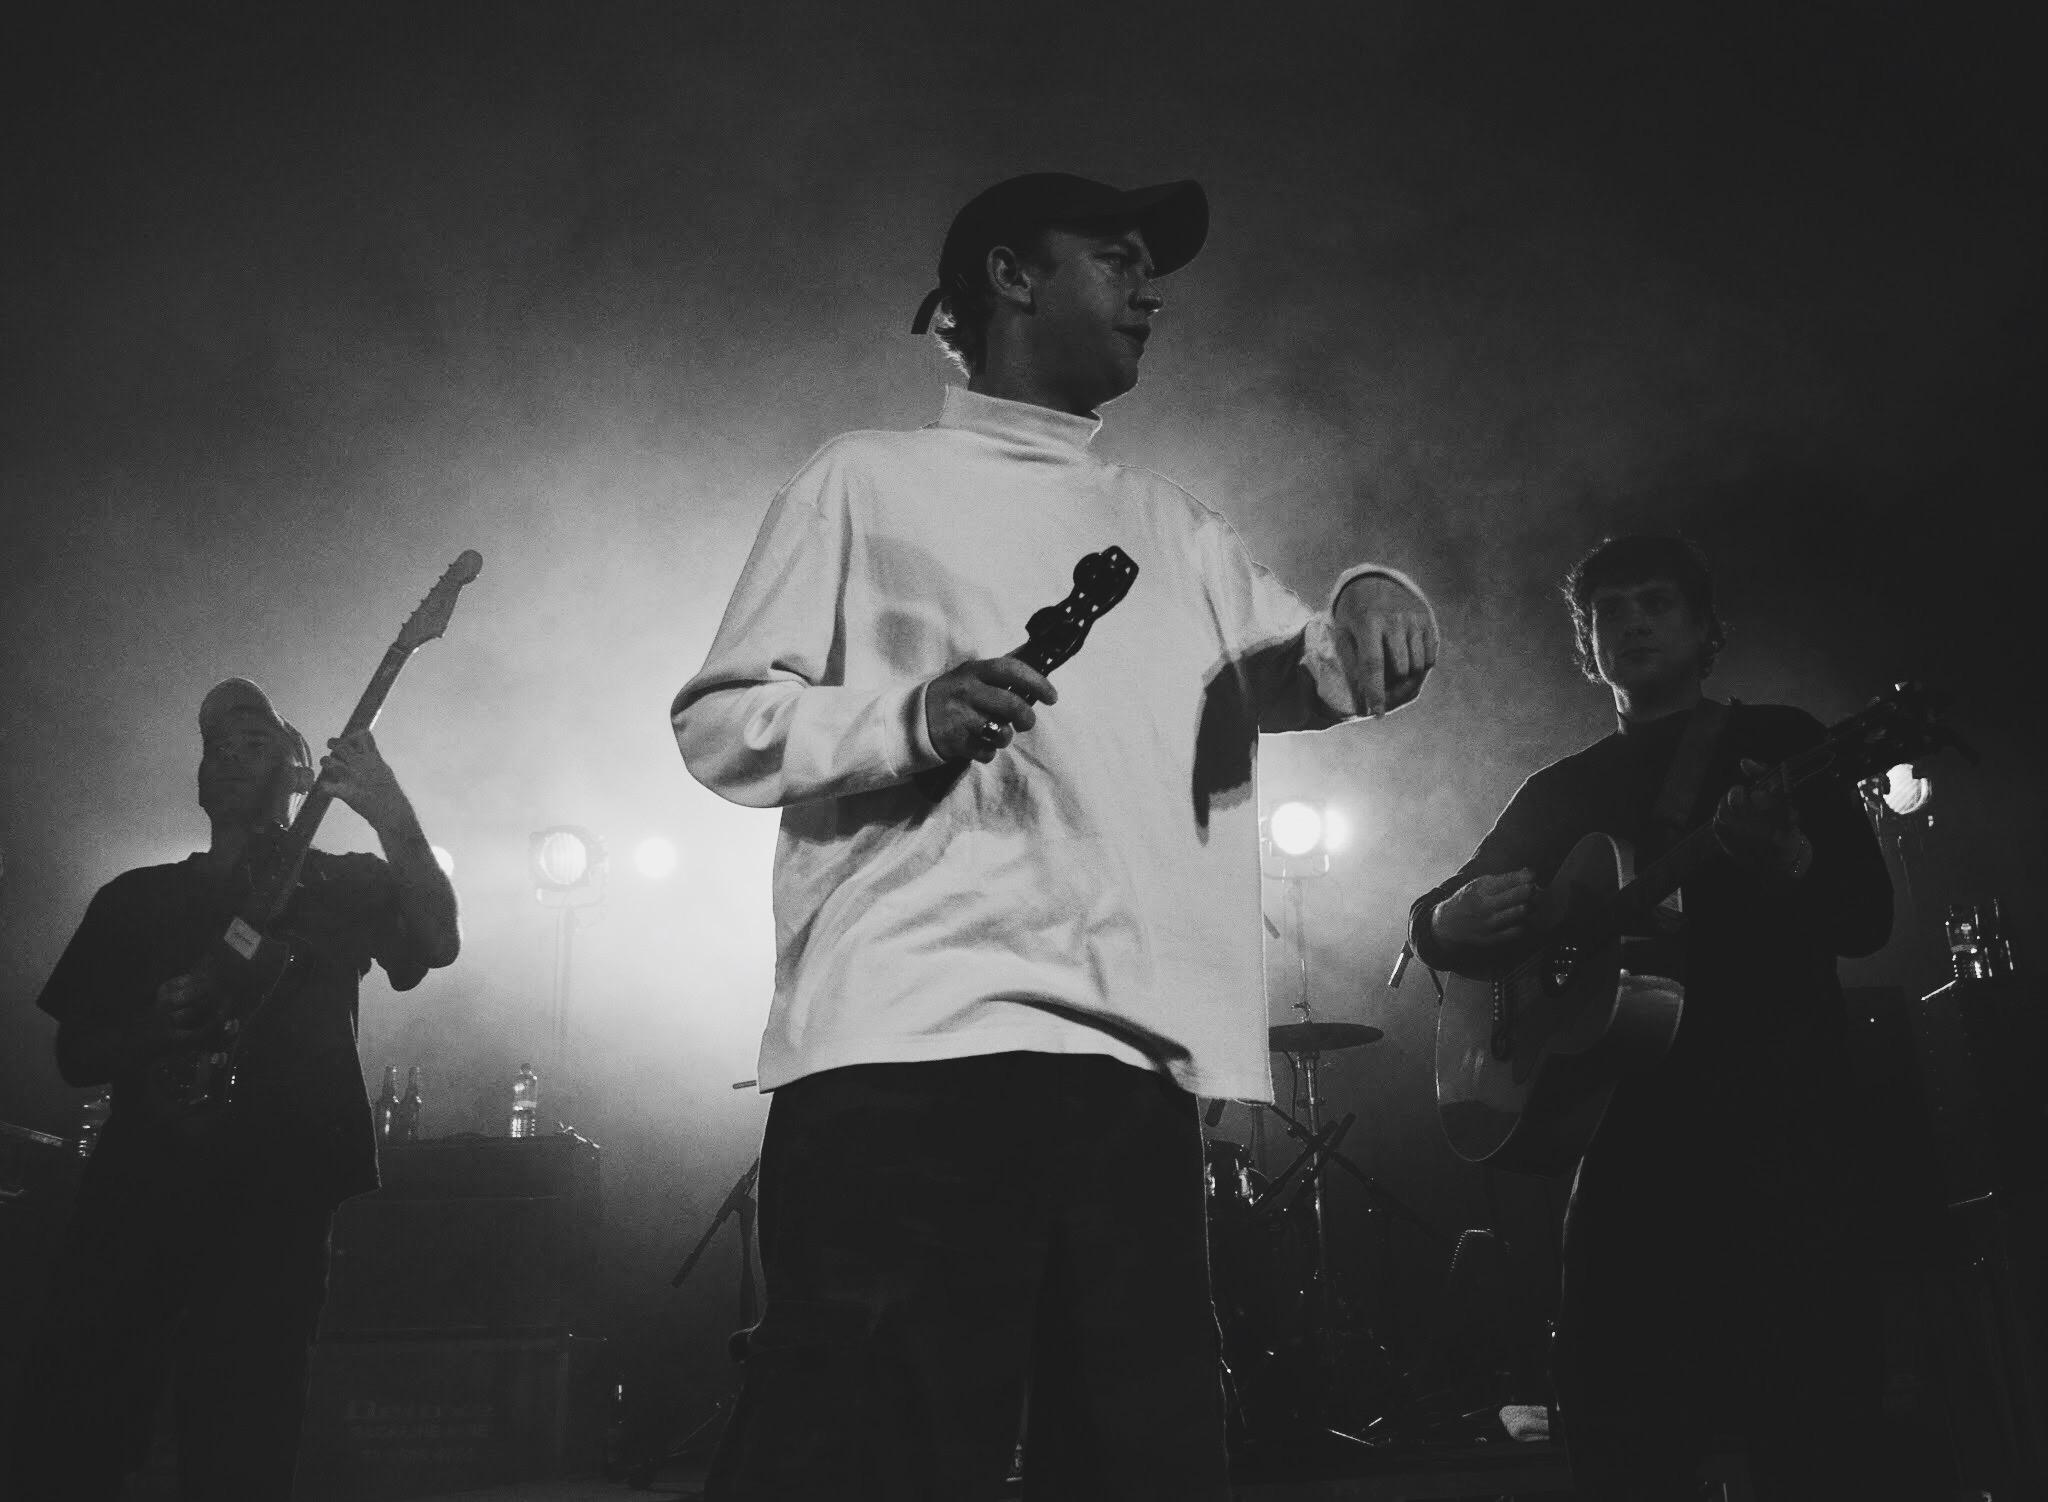 DMA'S Quiet Acoustic Meets Energetic Indie Rock | Savage Thrills